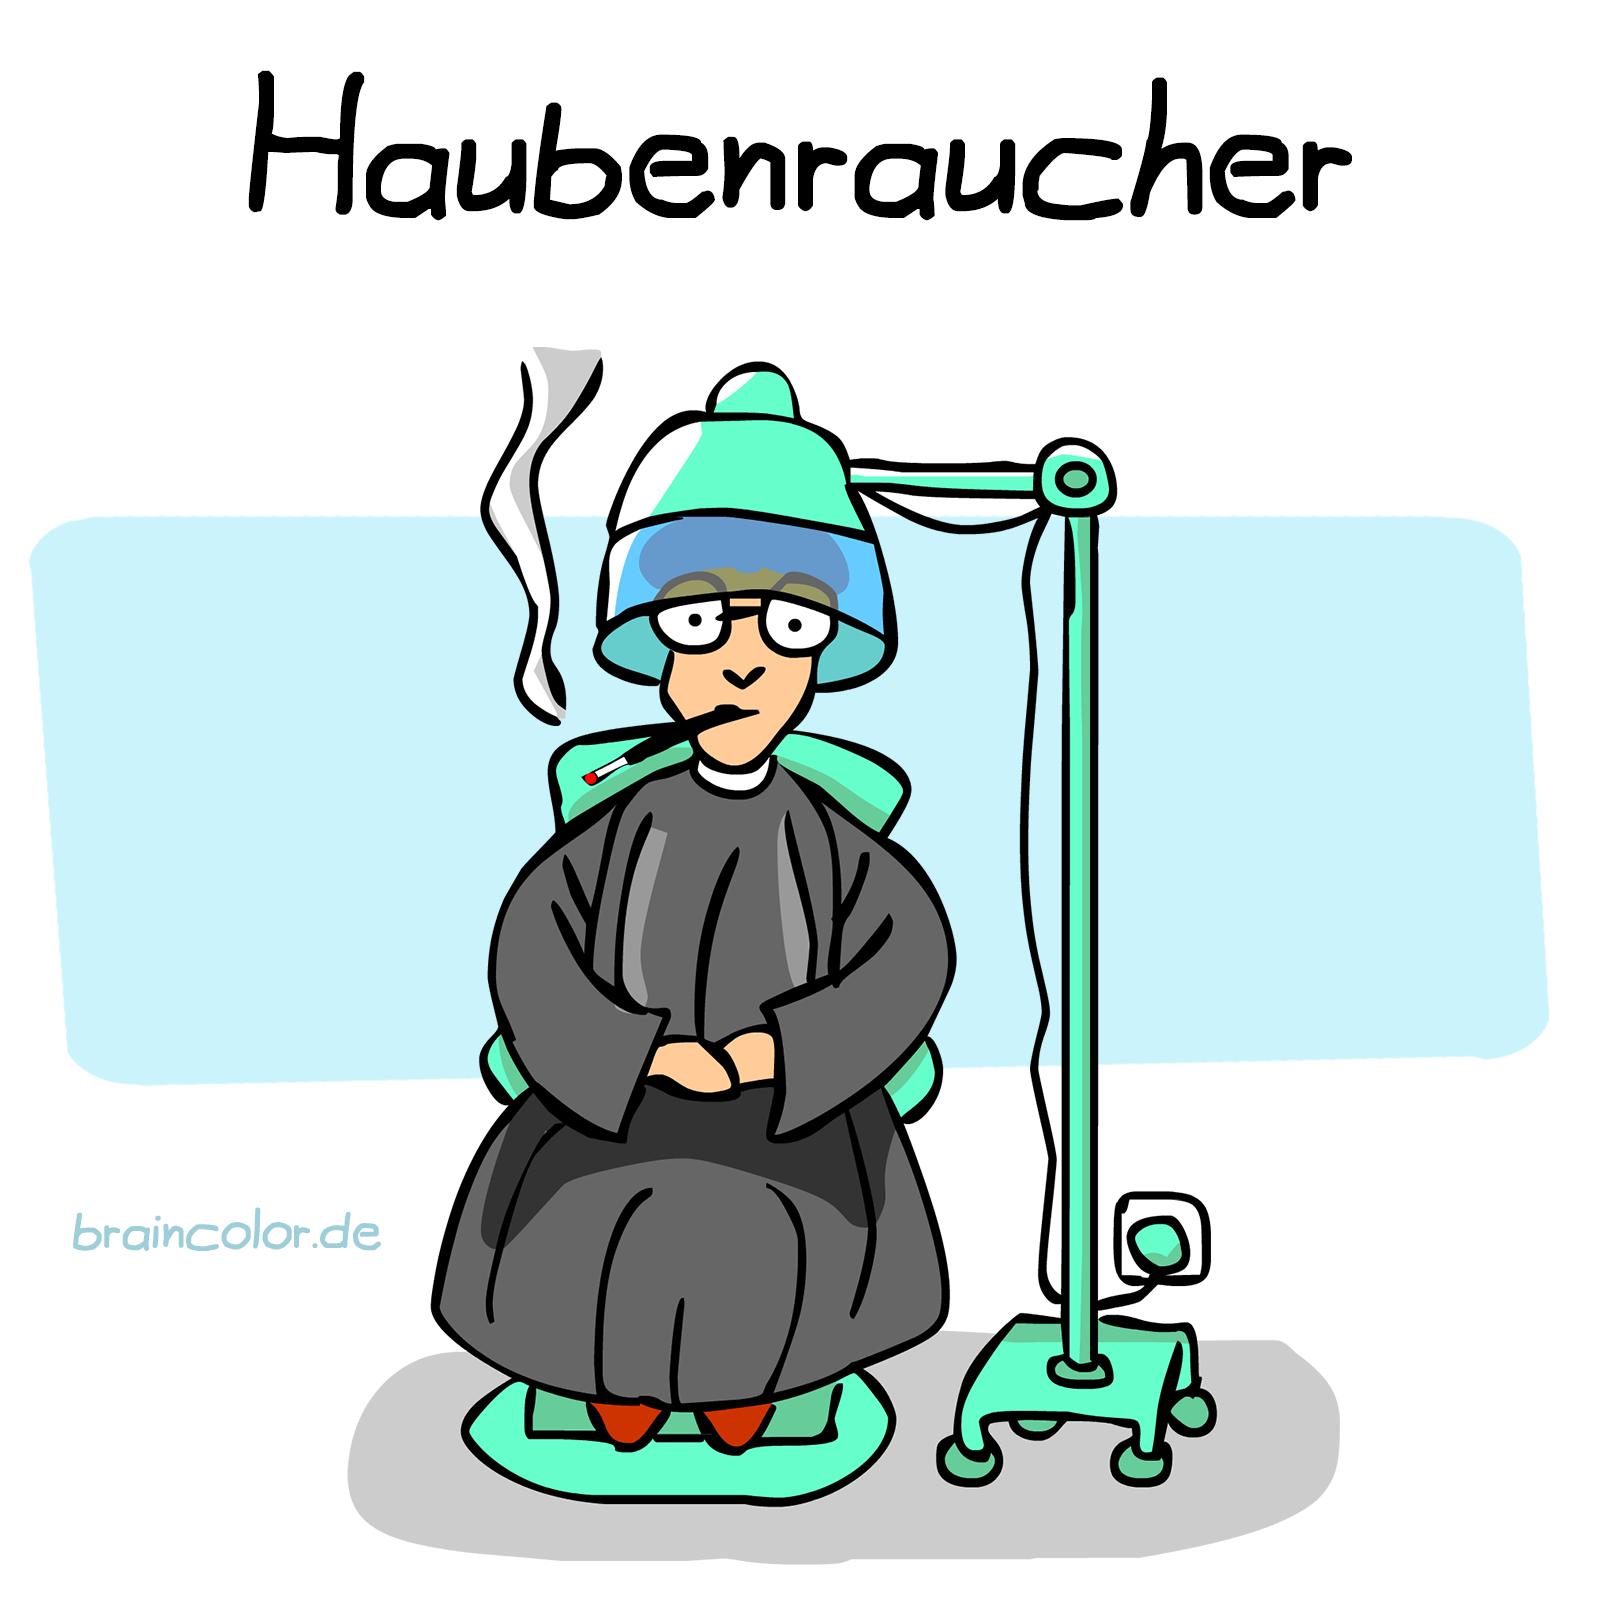 haubentaucher